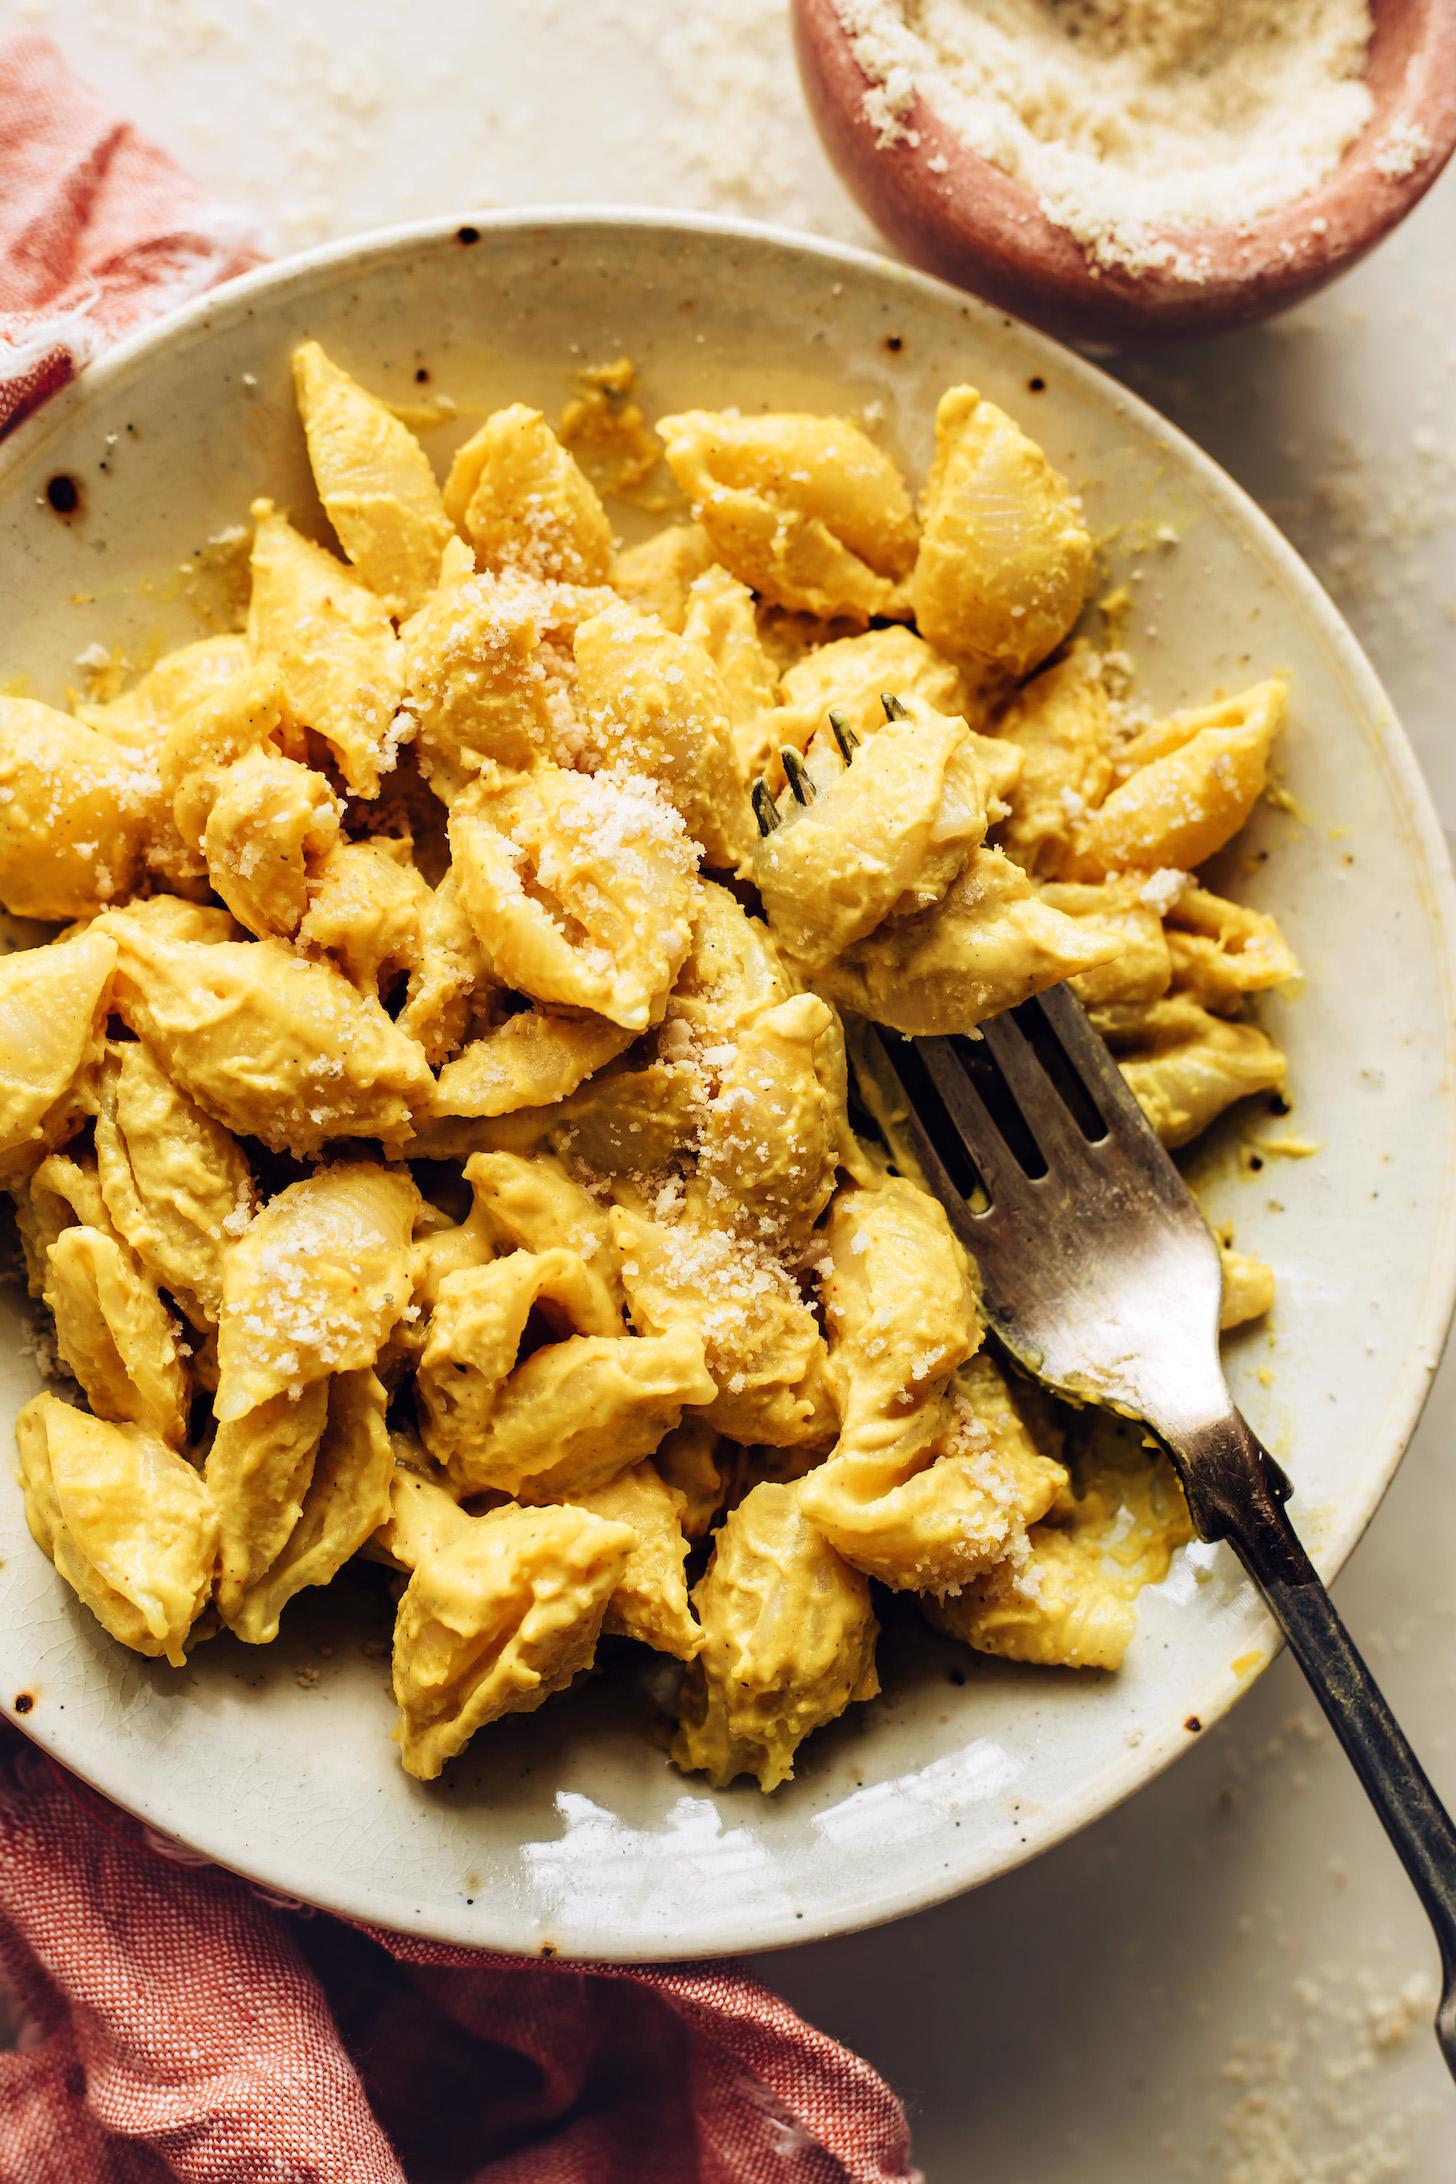 Fourchette dans un bol de macaroni au fromage végétalien sans gluten